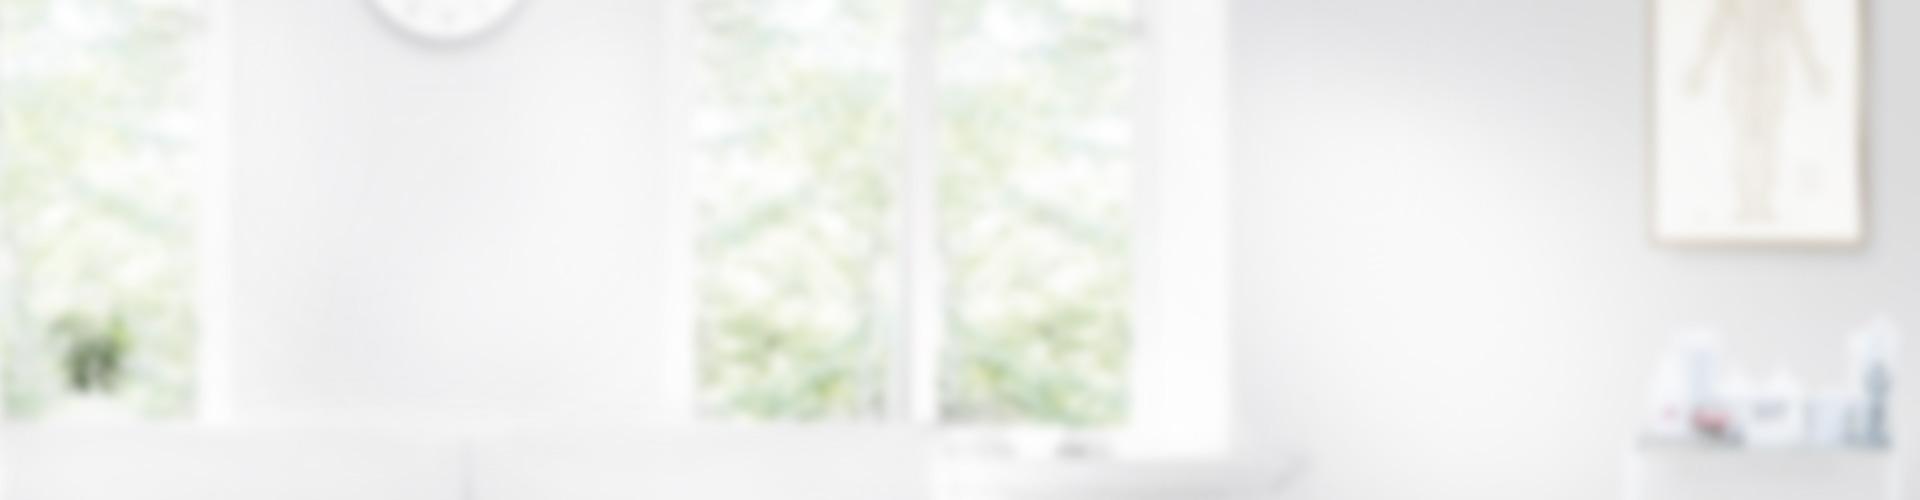 Изображение - Клиника лечения суставов f5296e44cb01fc5a6ae19f90d94719cd